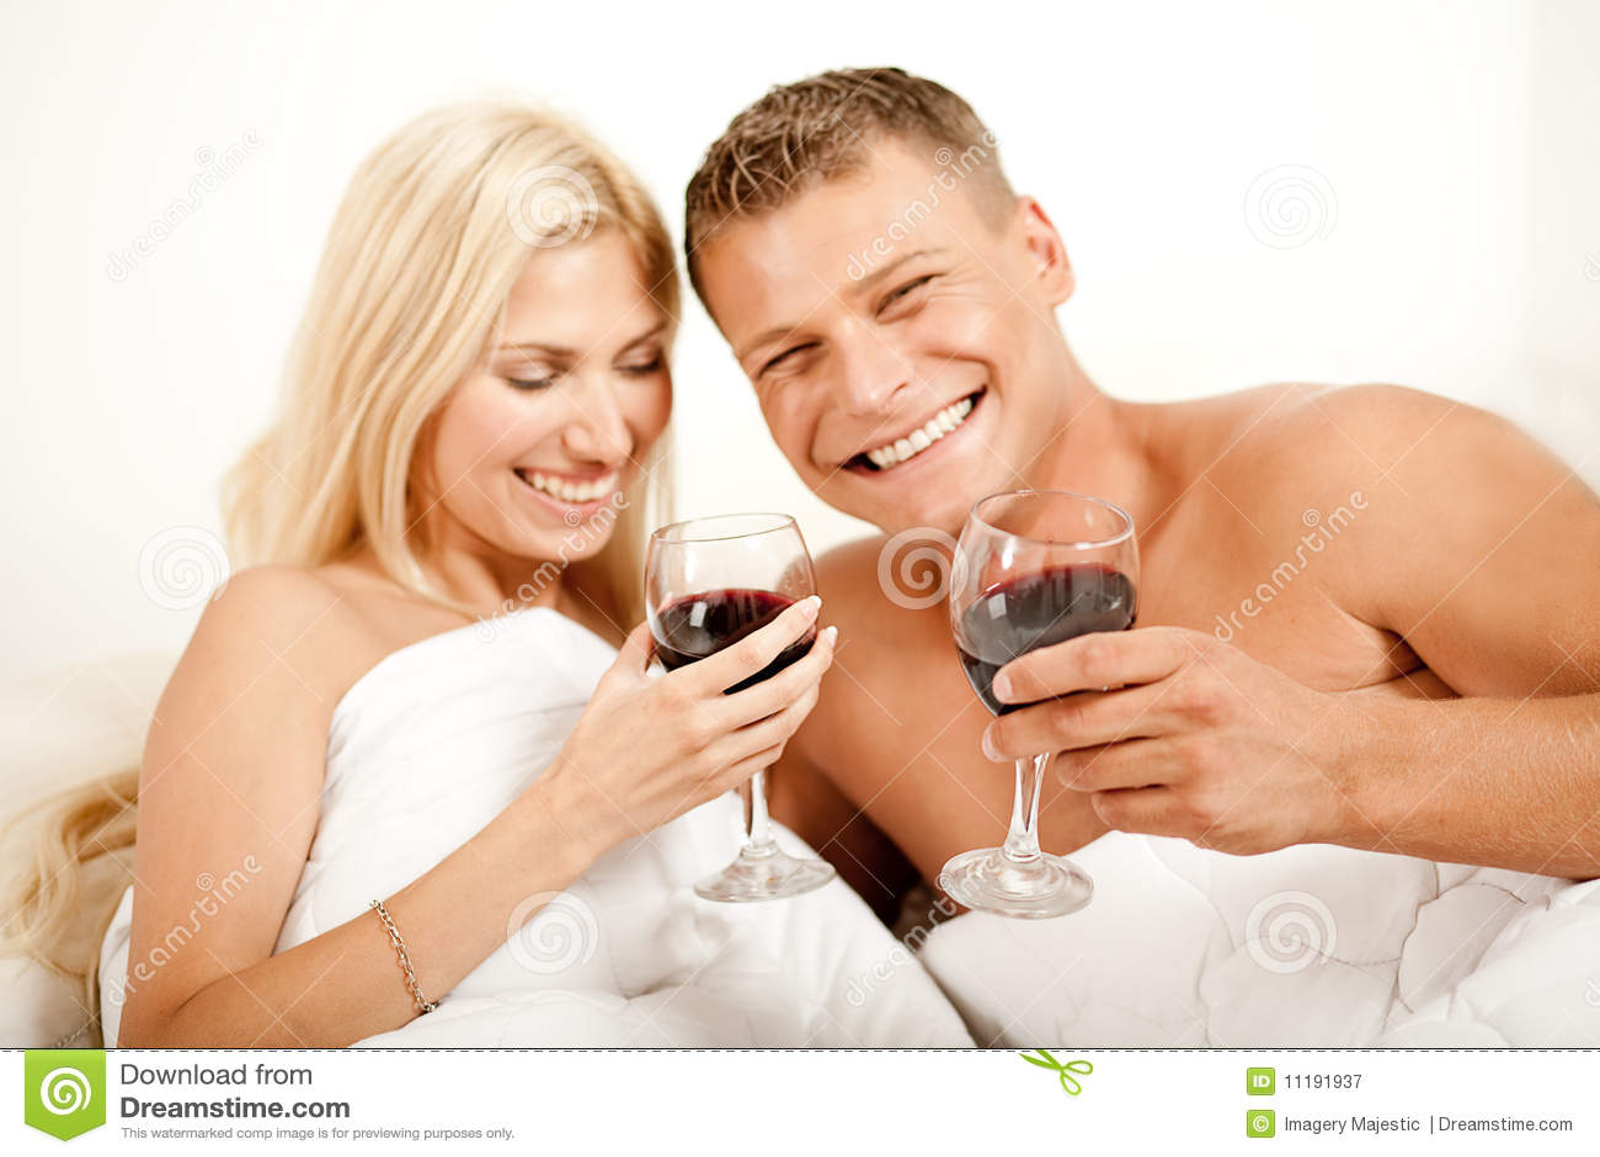 Erotic videos for heterosexual women